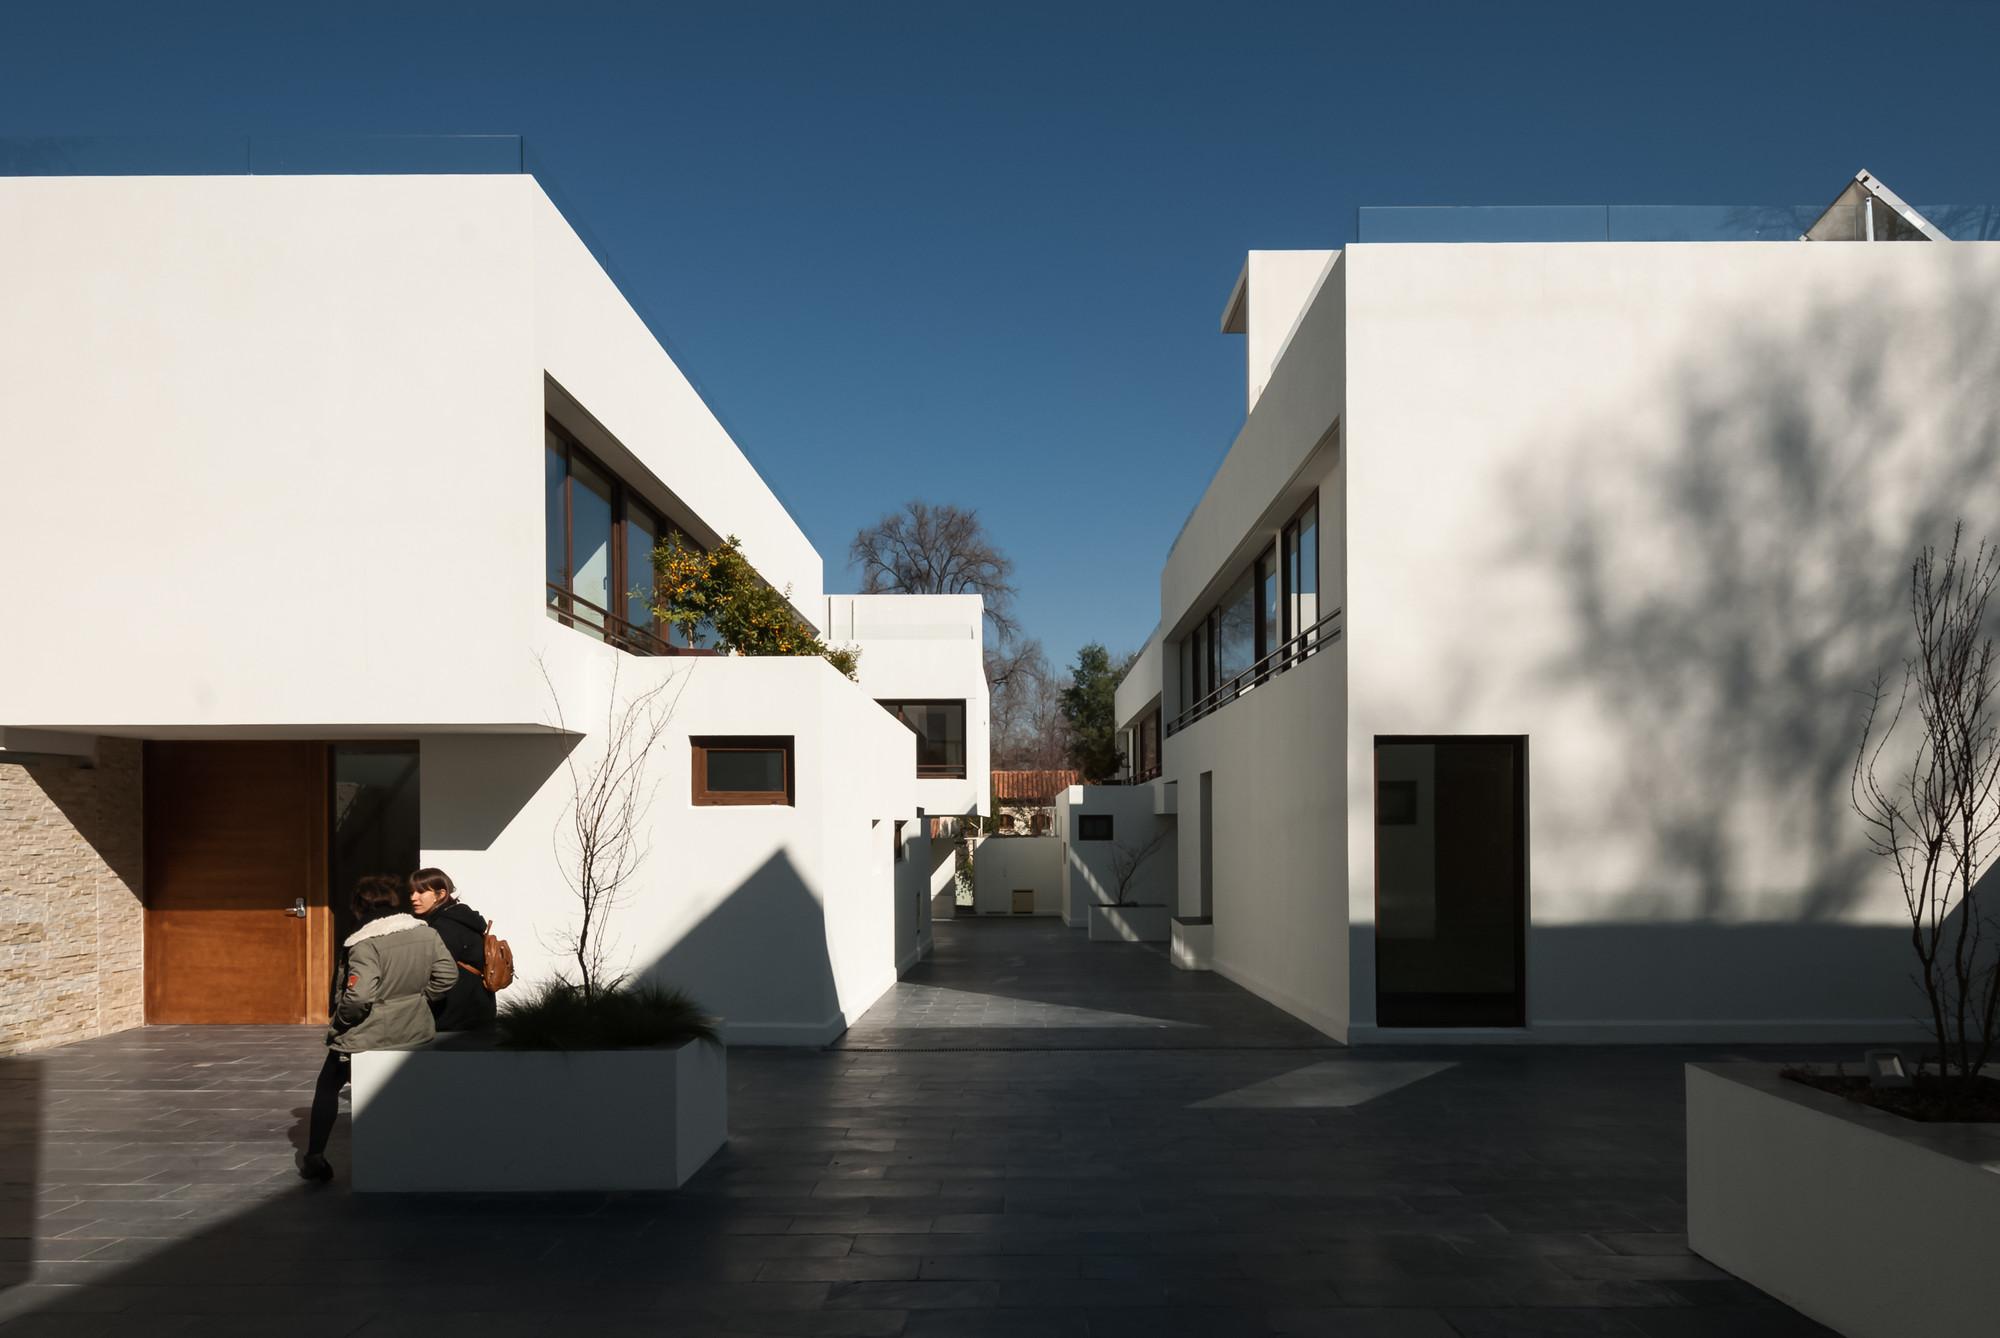 San Damián Housing Estate / Chauriye Stäger Arquitectos, © Midas / Pablo Blanco